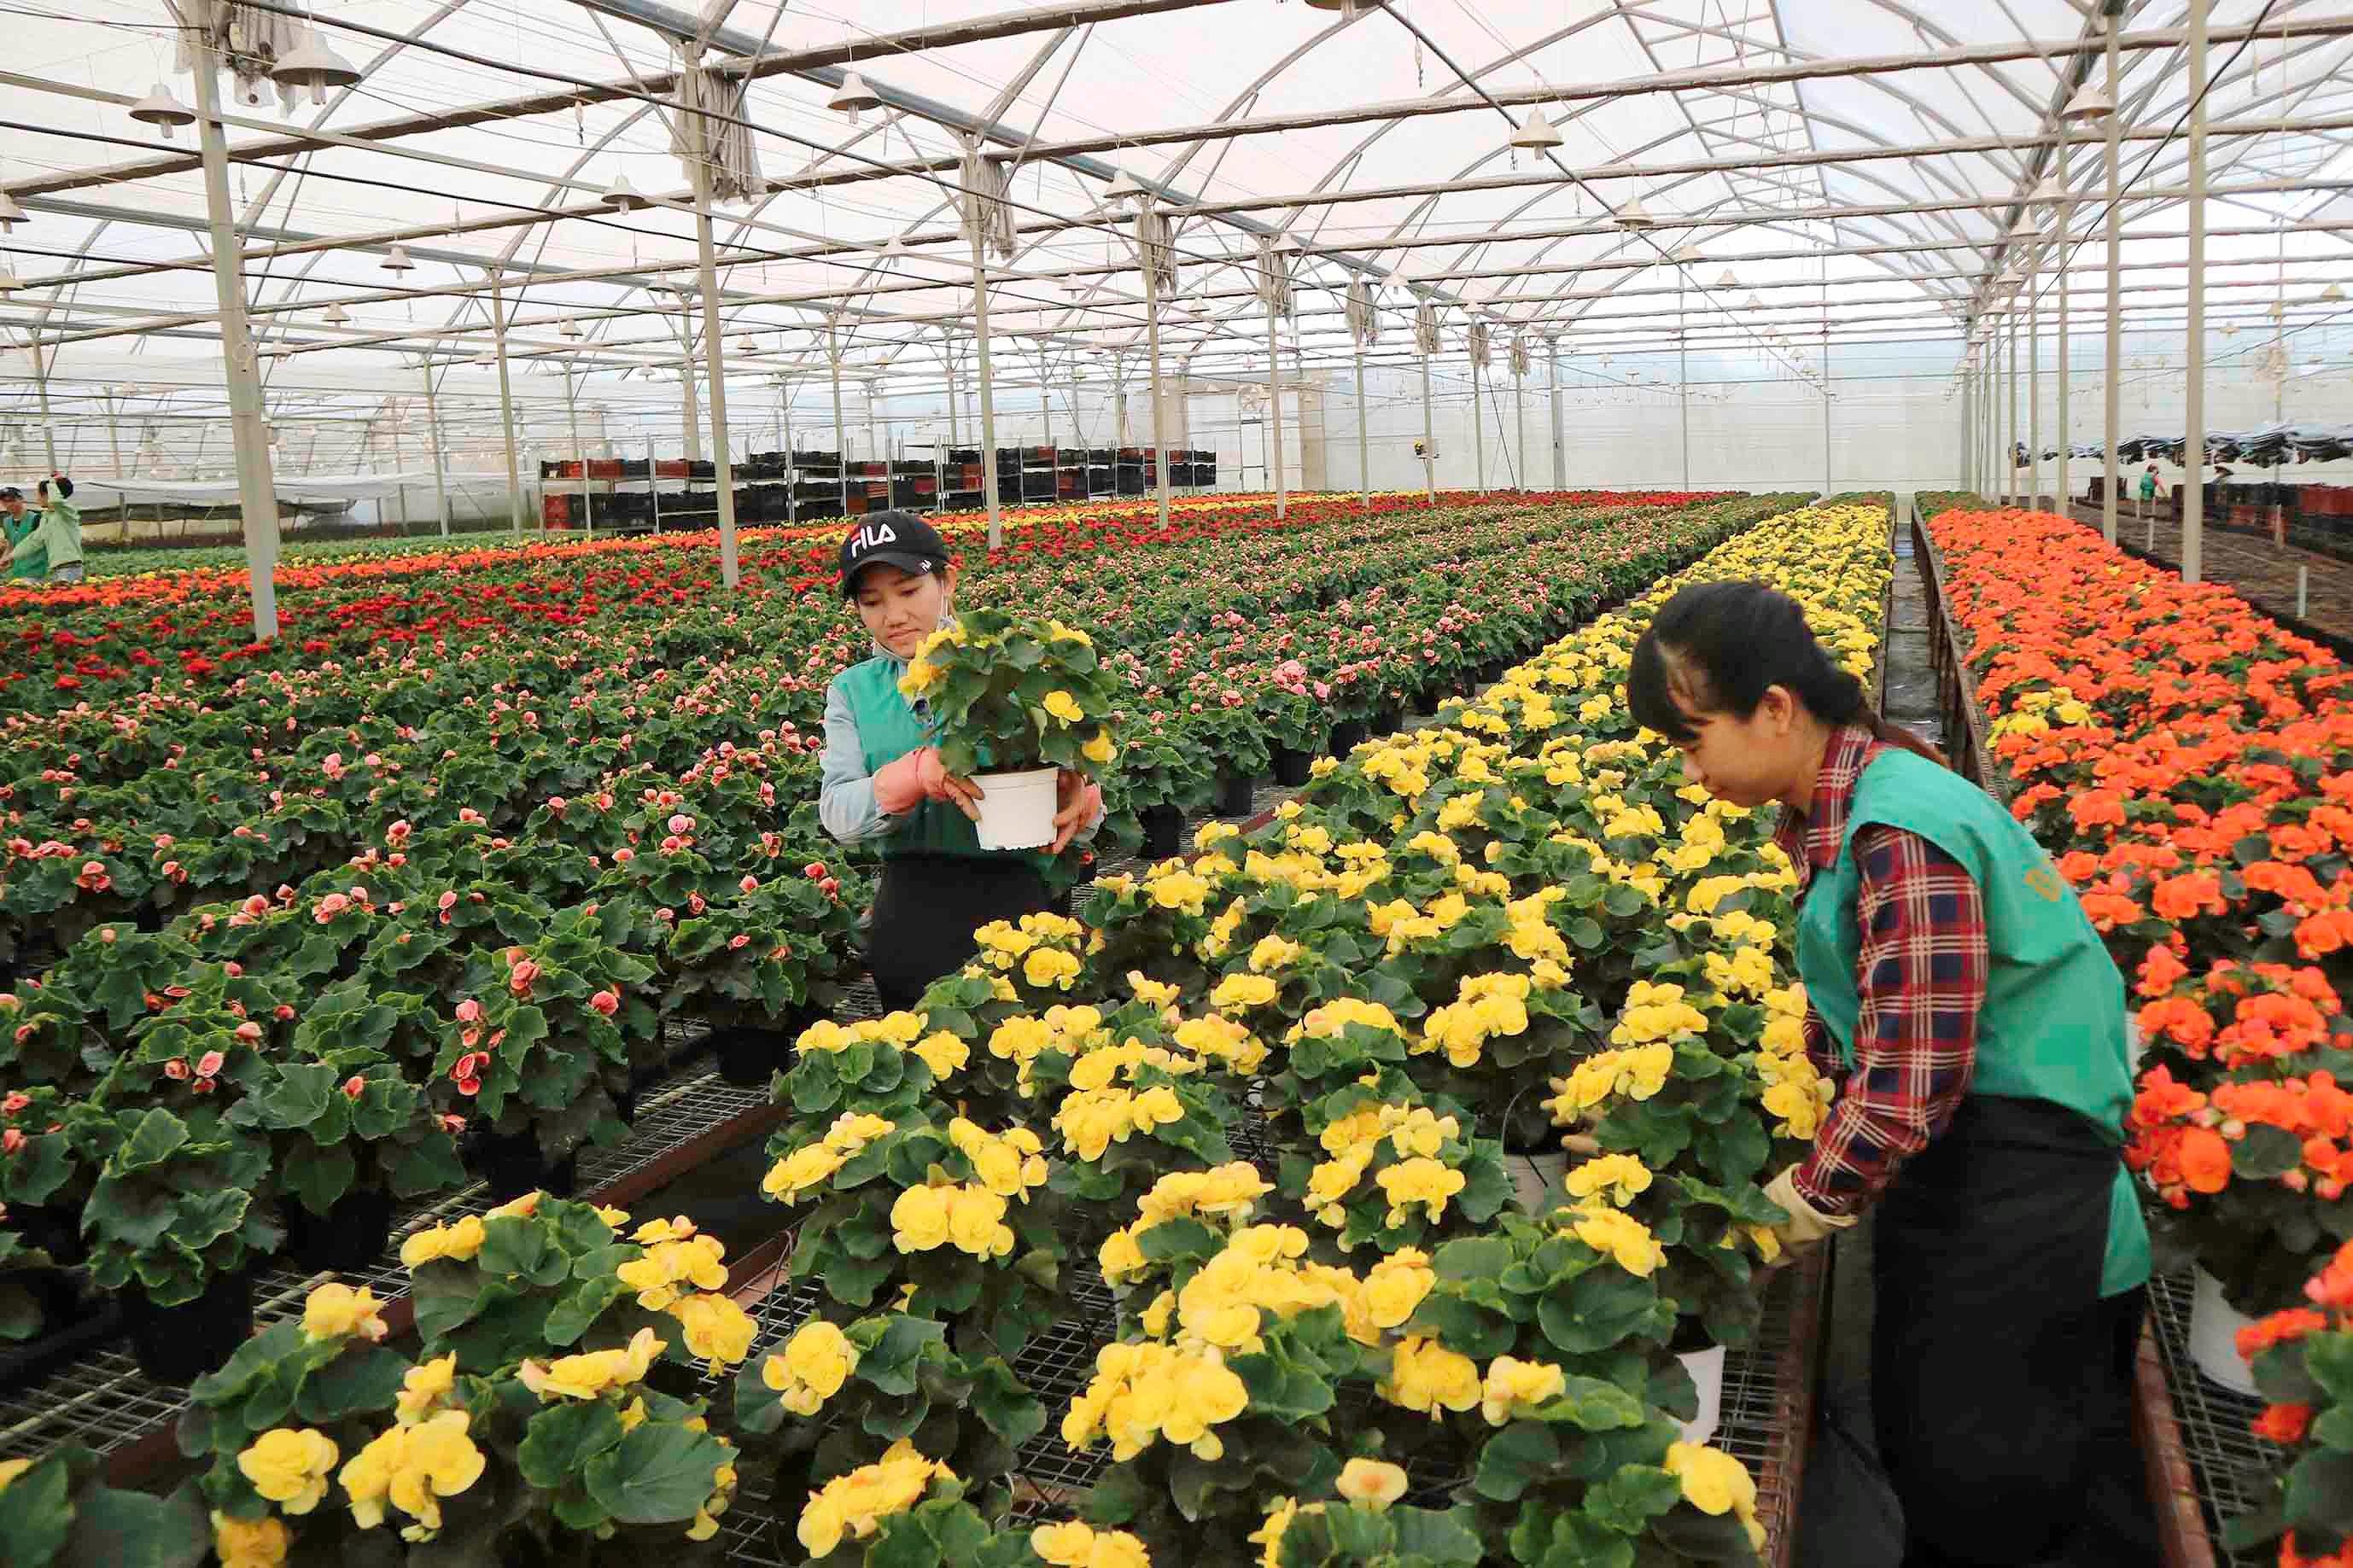 Dự án nông nghiệp tạo đà cho phát triển nông nghiệp bền vững (13/7/2019)